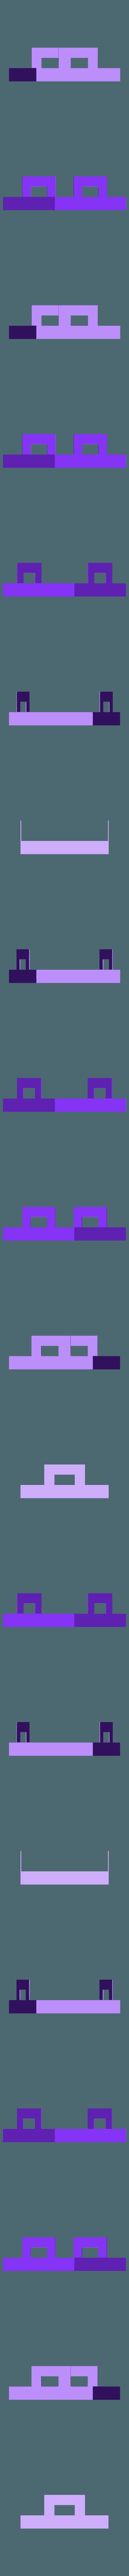 jeux echec bac1.STL Télécharger fichier STL gratuit boite de rangement jeux d'échecs • Design imprimable en 3D, 27si3d